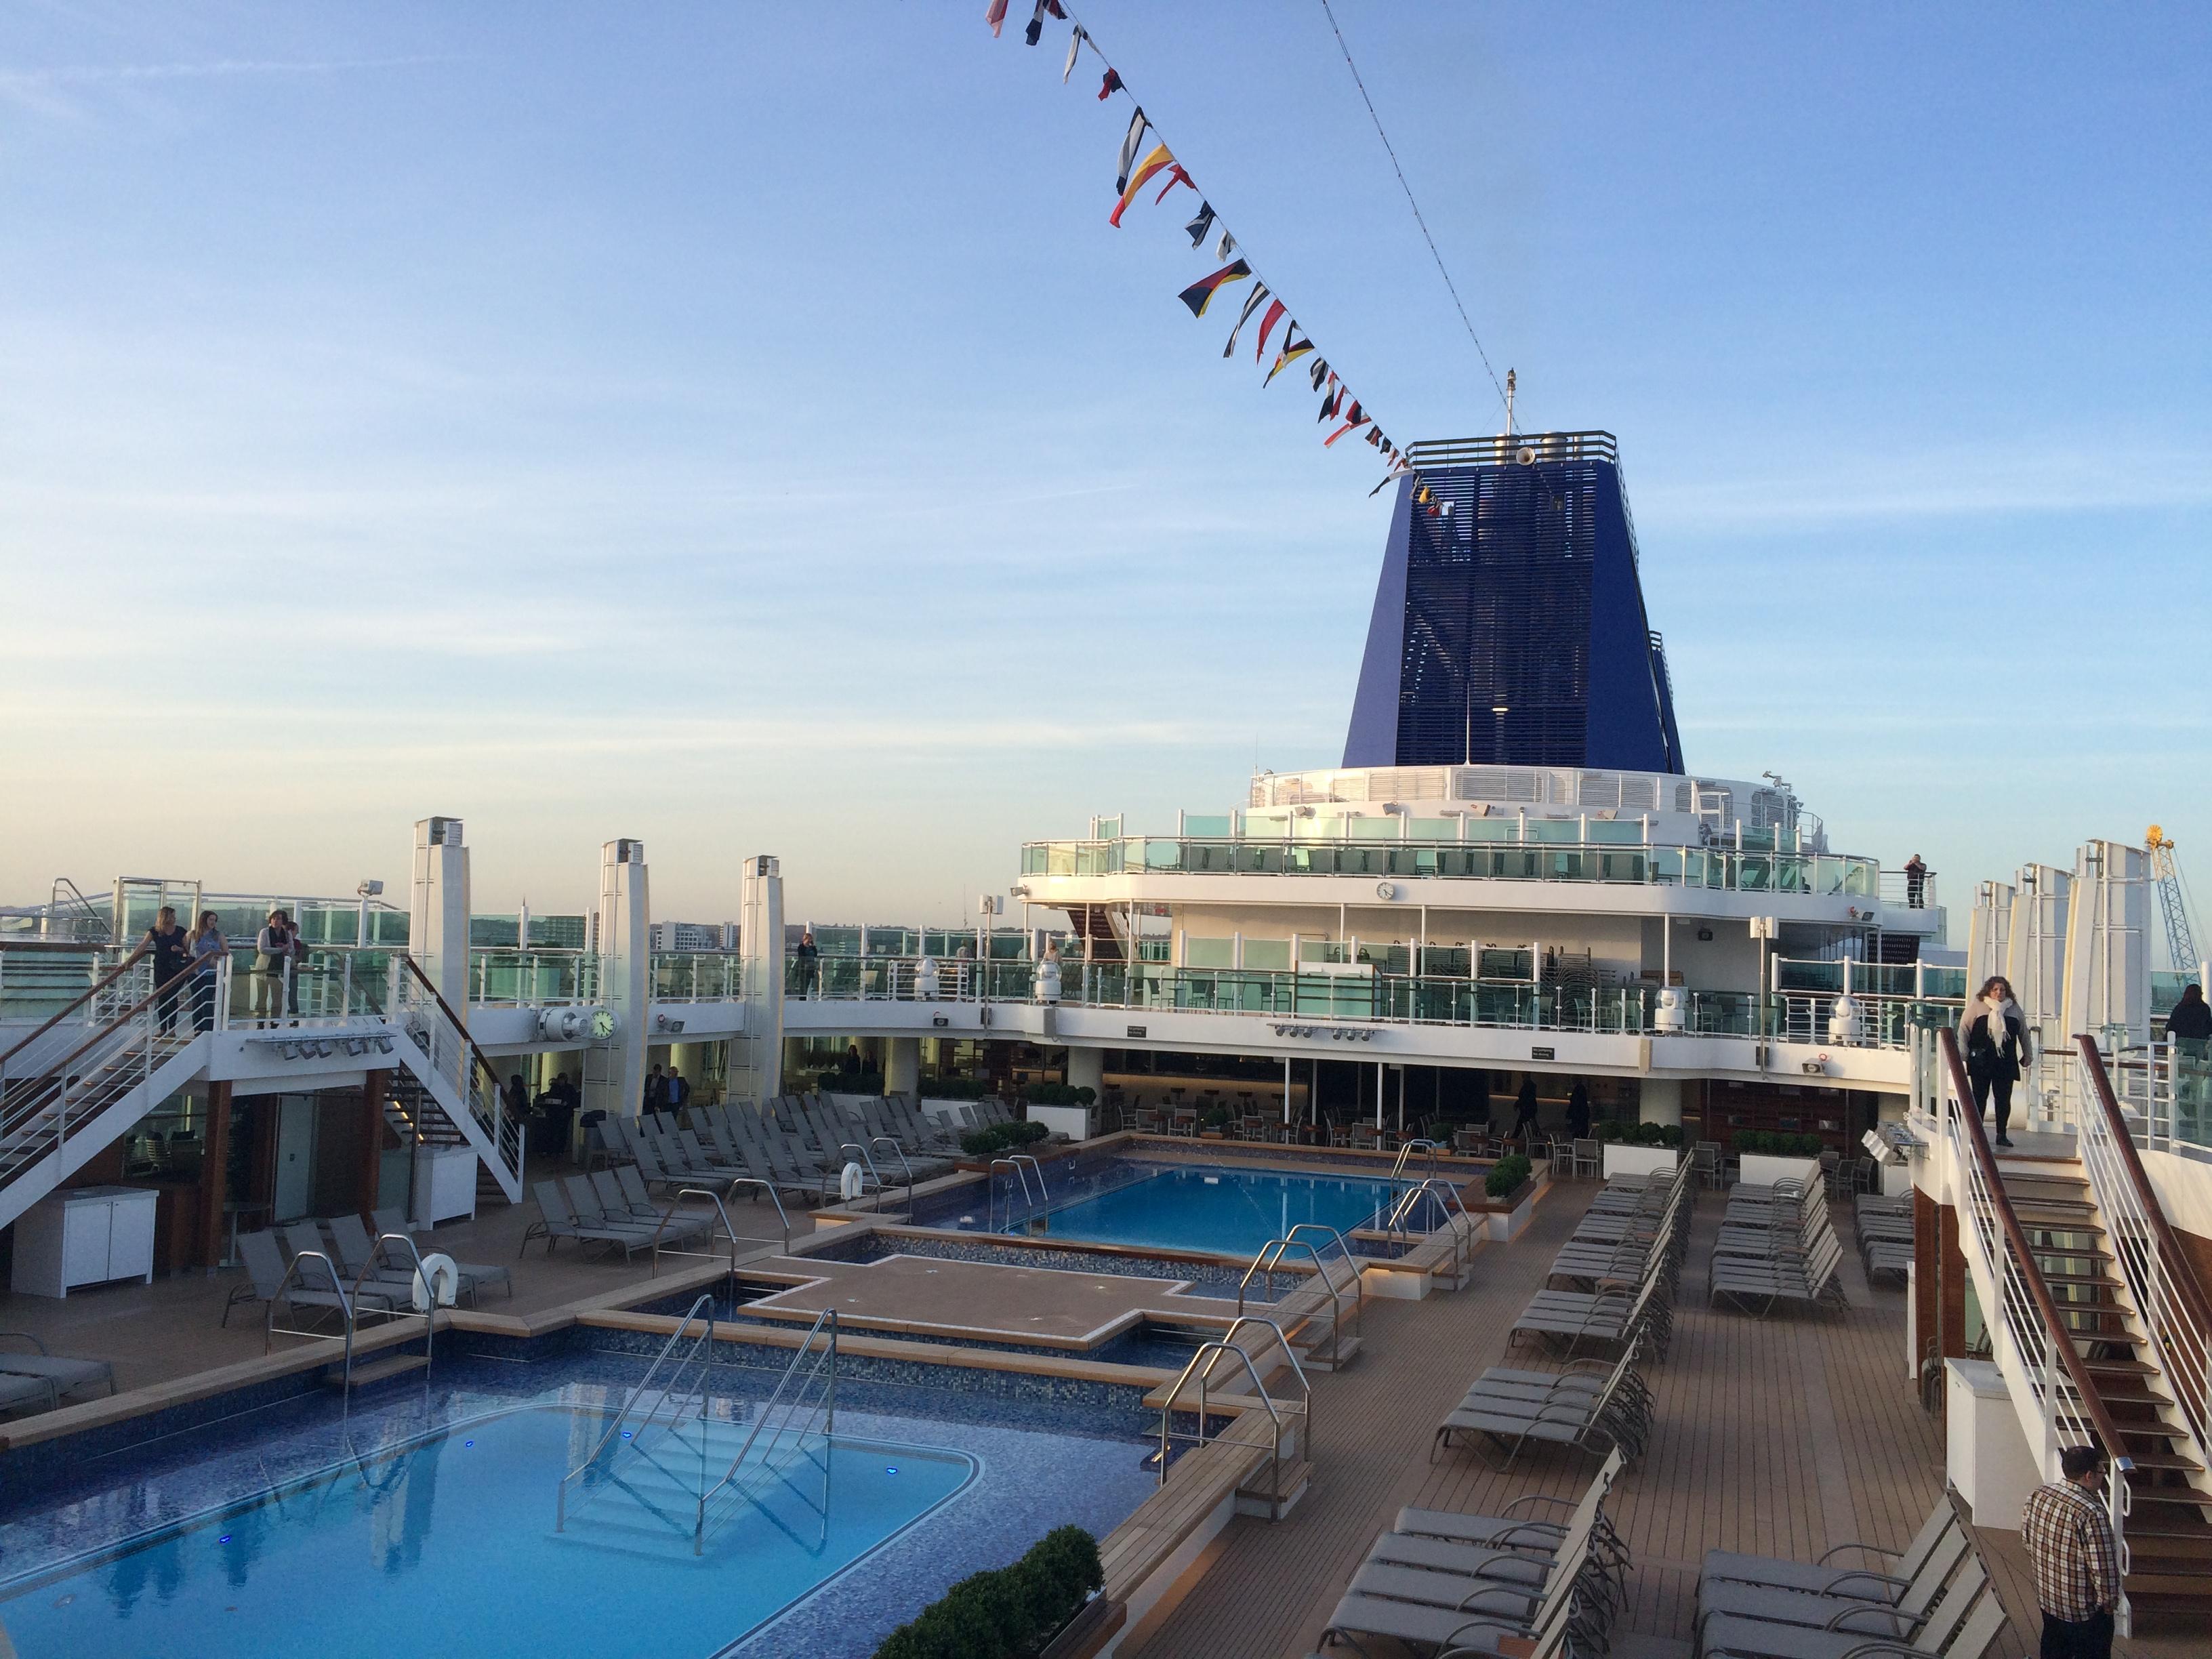 Britannia Images IgluCruise - Britannia cruise ship